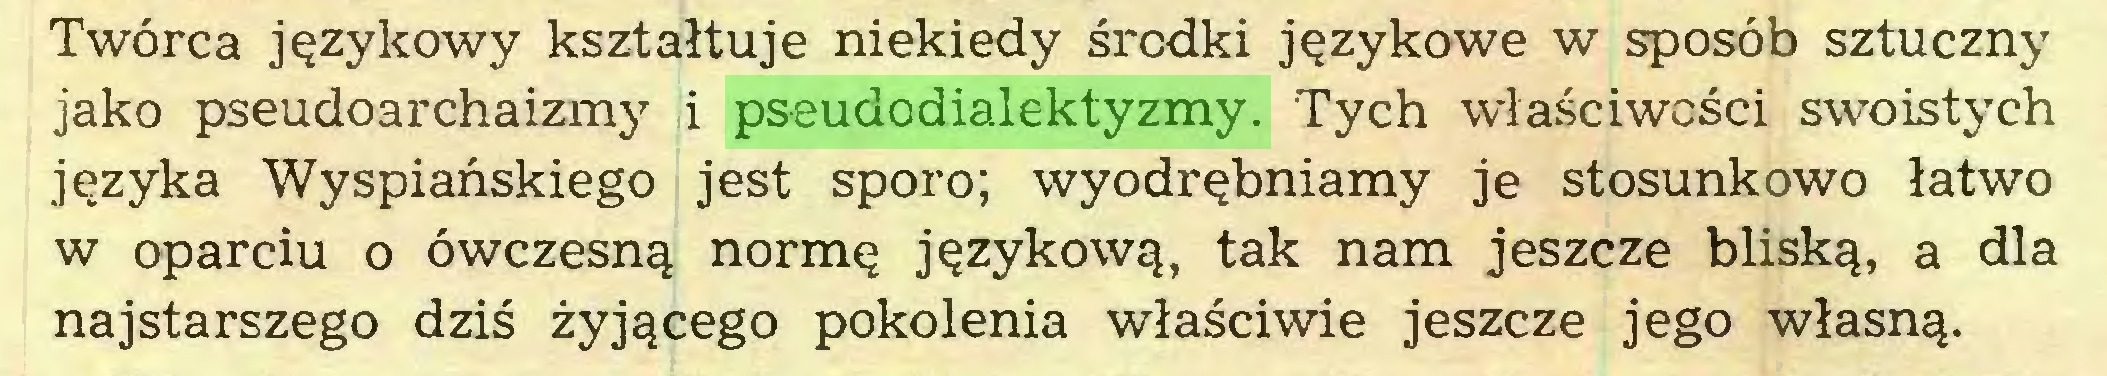 (...) Twórca językowy kształtuje niekiedy środki językowe w sposób sztuczny jako pseudoarchaizmy i pseudodialektyzmy. Tych właściwości swoistych języka Wyspiańskiego jest sporo; wyodrębniamy je stosunkowo łatwo w oparciu o ówczesną normę językową, tak nam jeszcze bliską, a dla najstarszego dziś żyjącego pokolenia właściwie jeszcze jego własną...